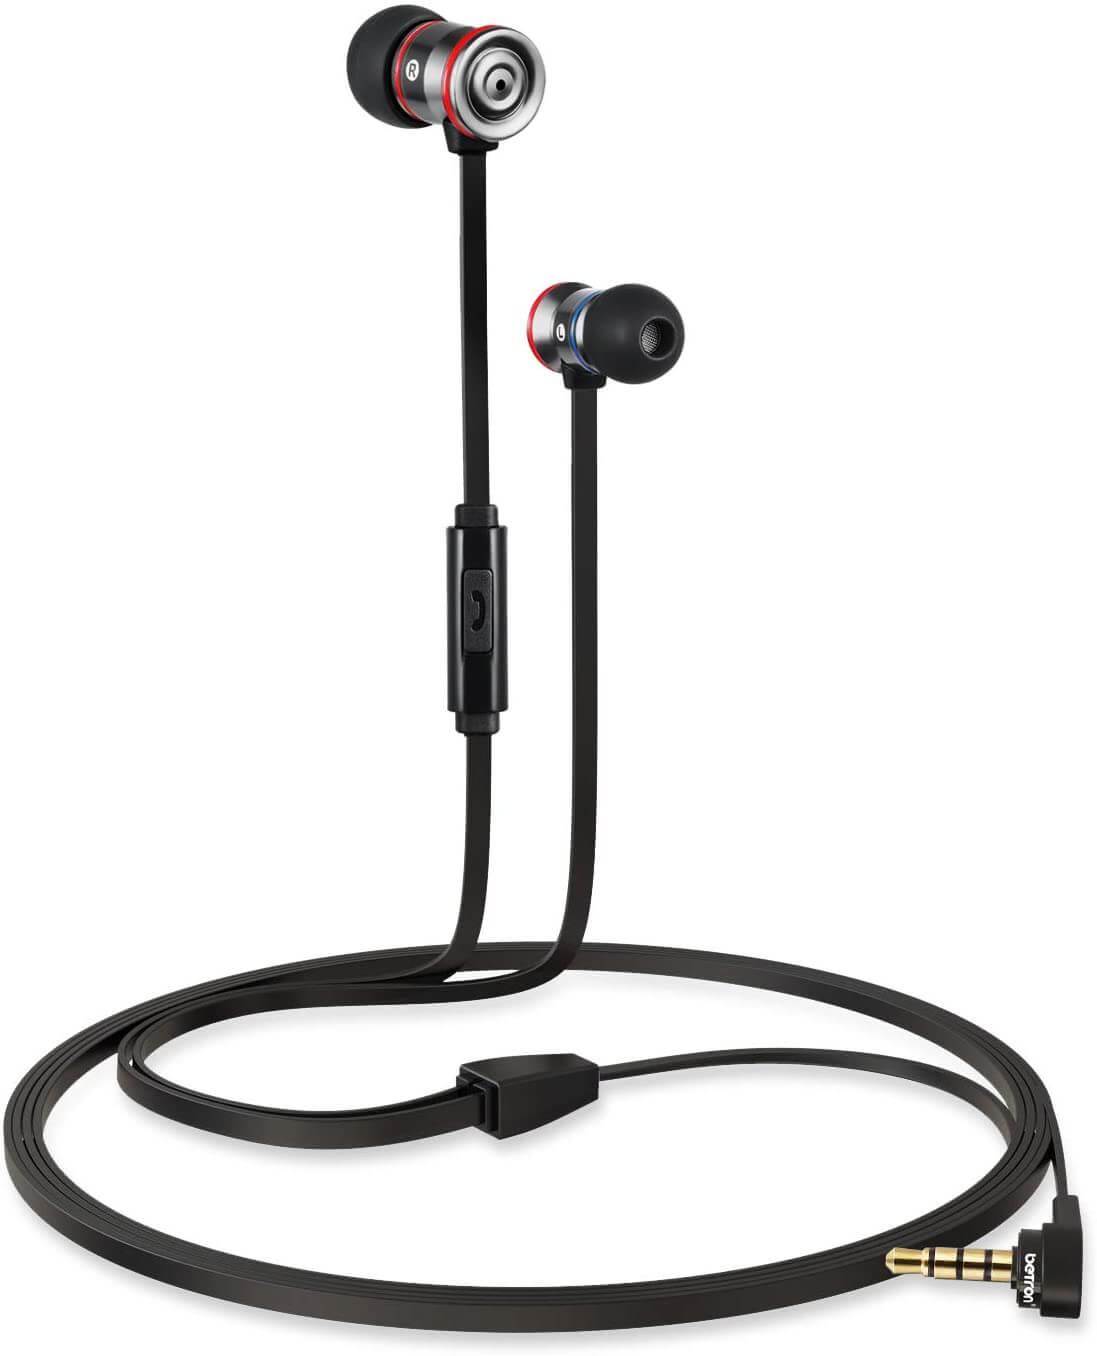 Best Android Headphones, Earphones, and Earbuds - Betron MK23 Earphones